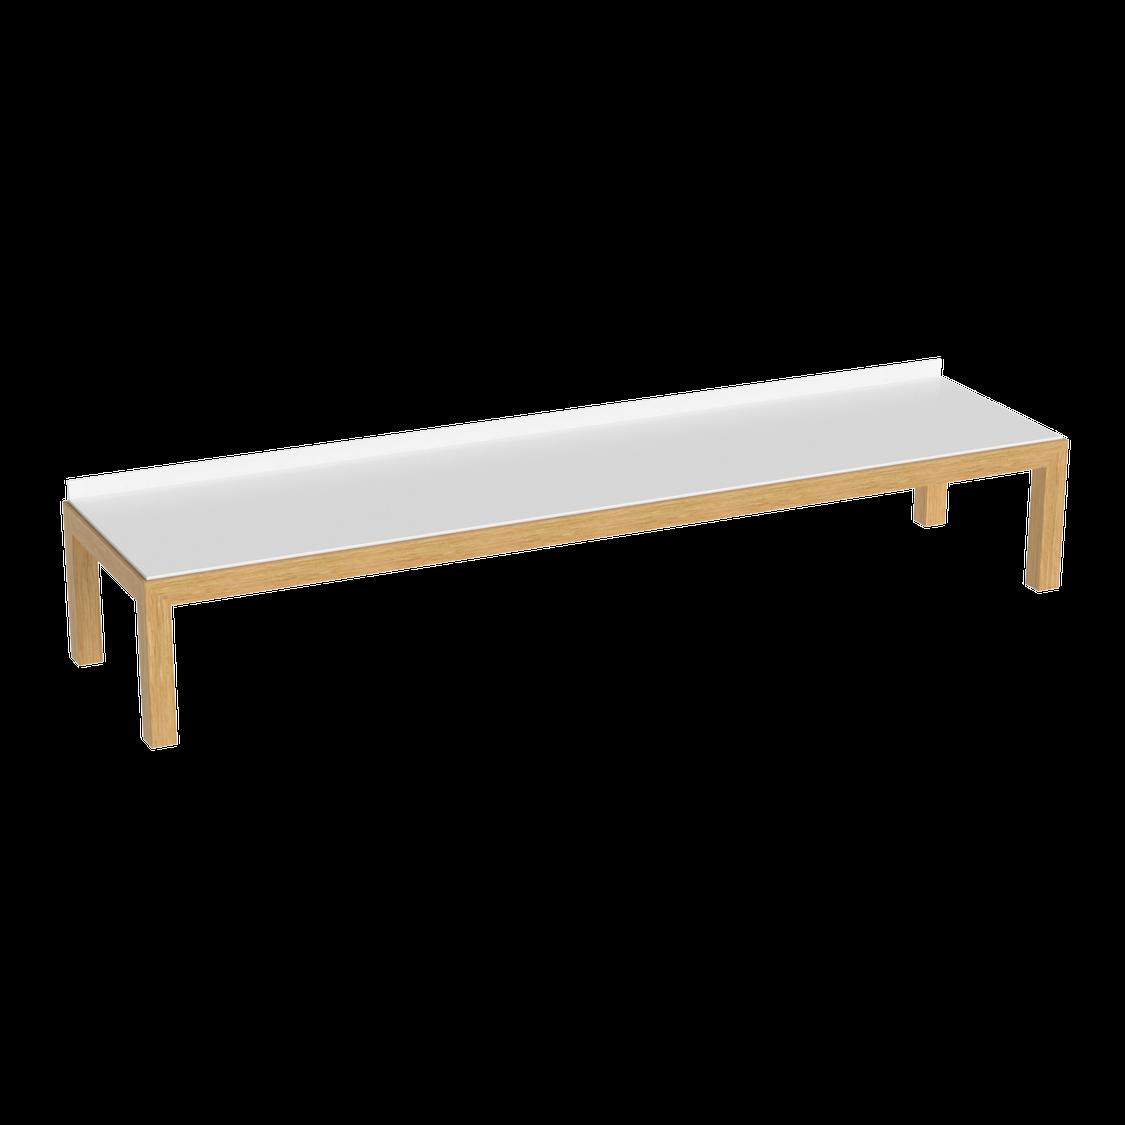 Sideboard Base Frame I Cubit